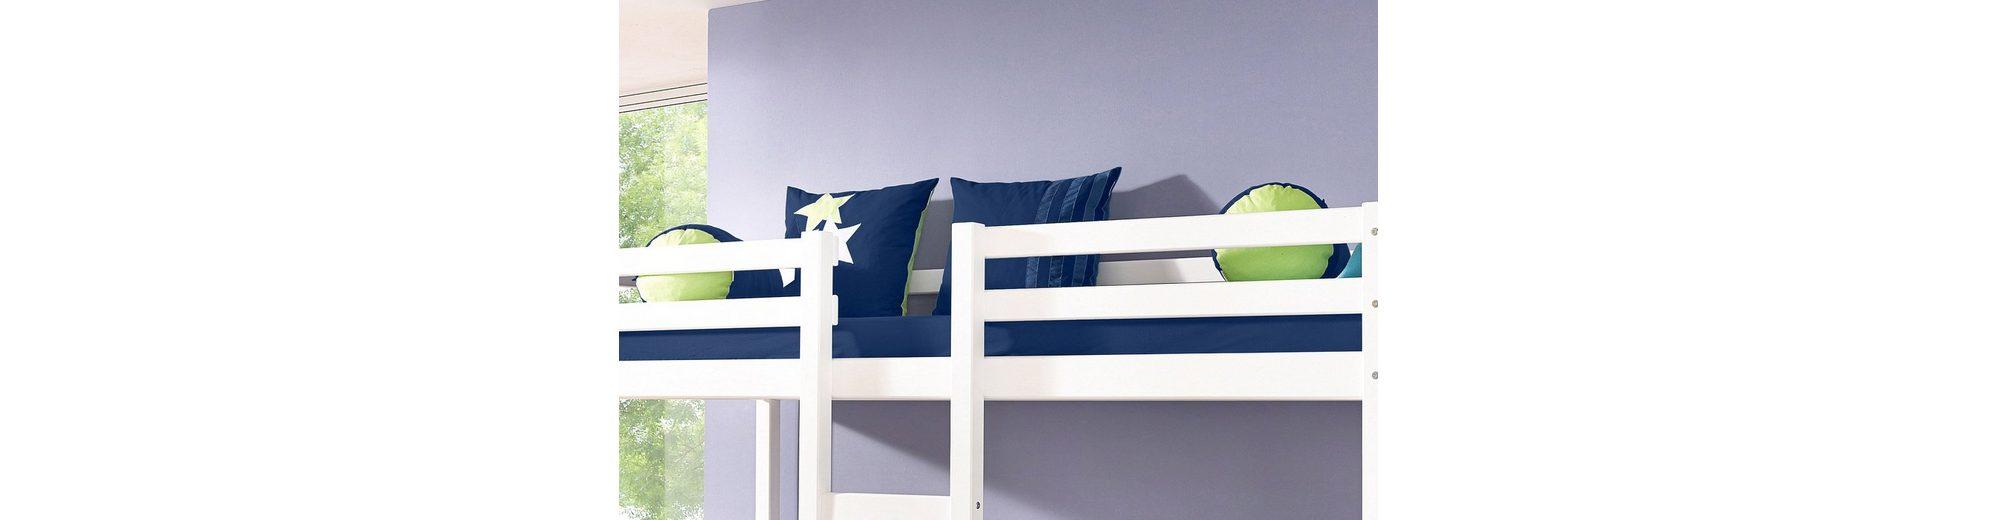 Hoppekids Kissen »My Room« (2 Stck.)